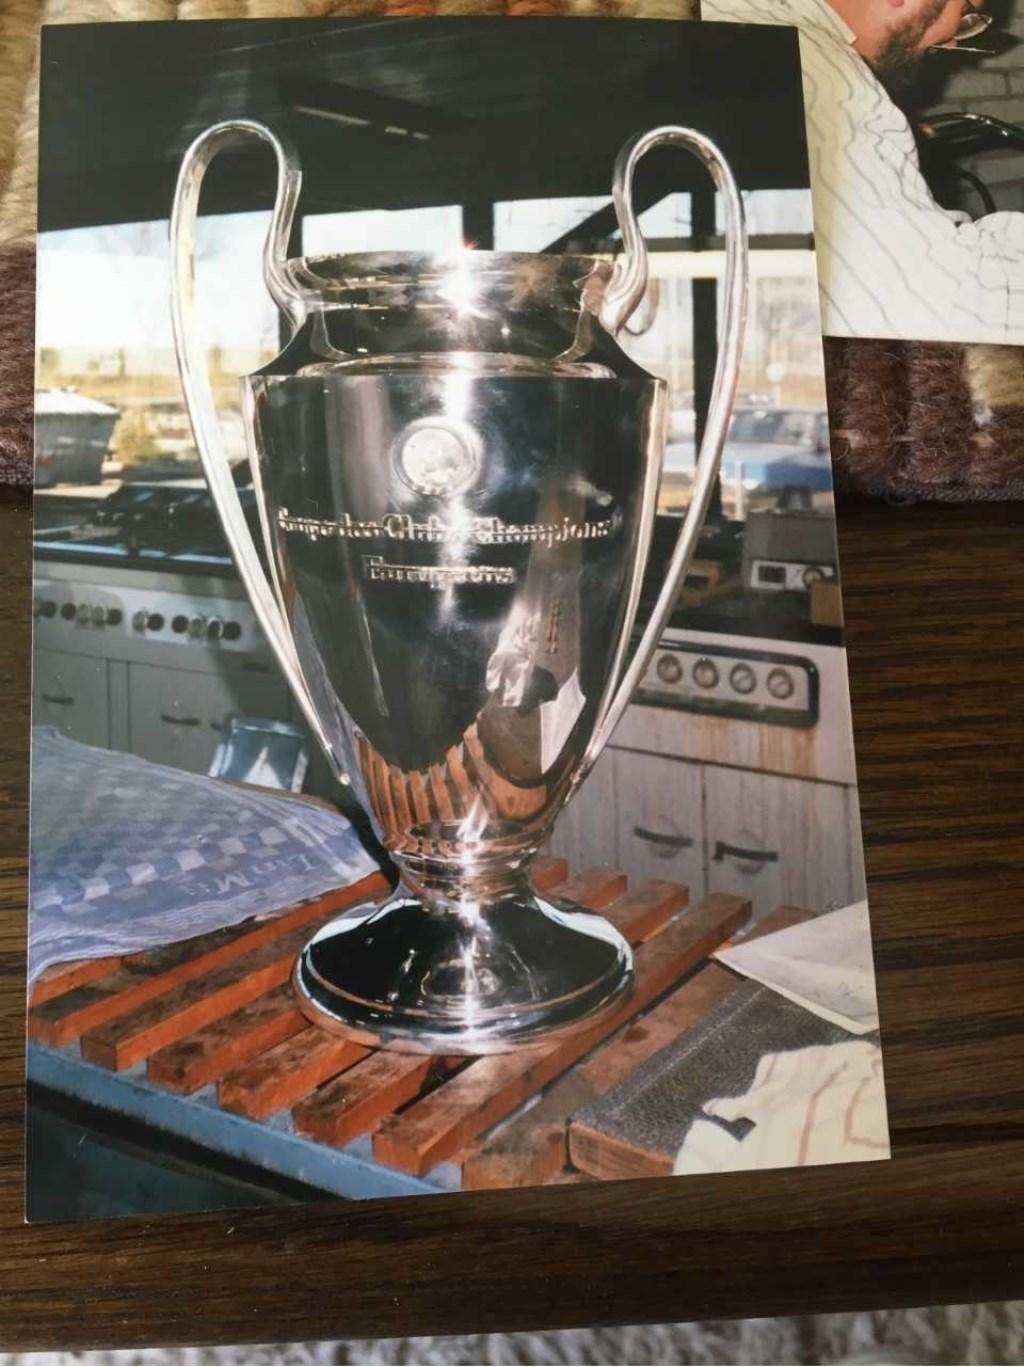 De Europa cup, glimt als een spiegel nadat Piet van der Linden hem 'onderhanden' heeft genomen.  © VSK